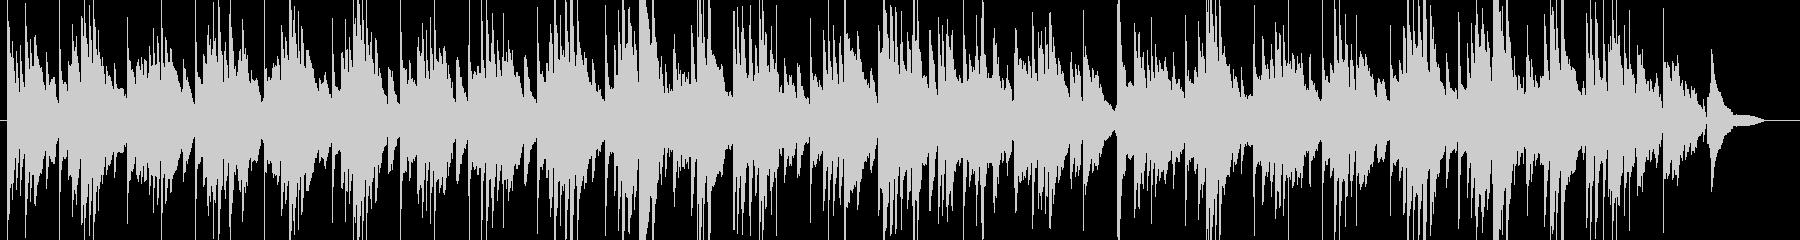 エレガット生録 (BGM)の未再生の波形